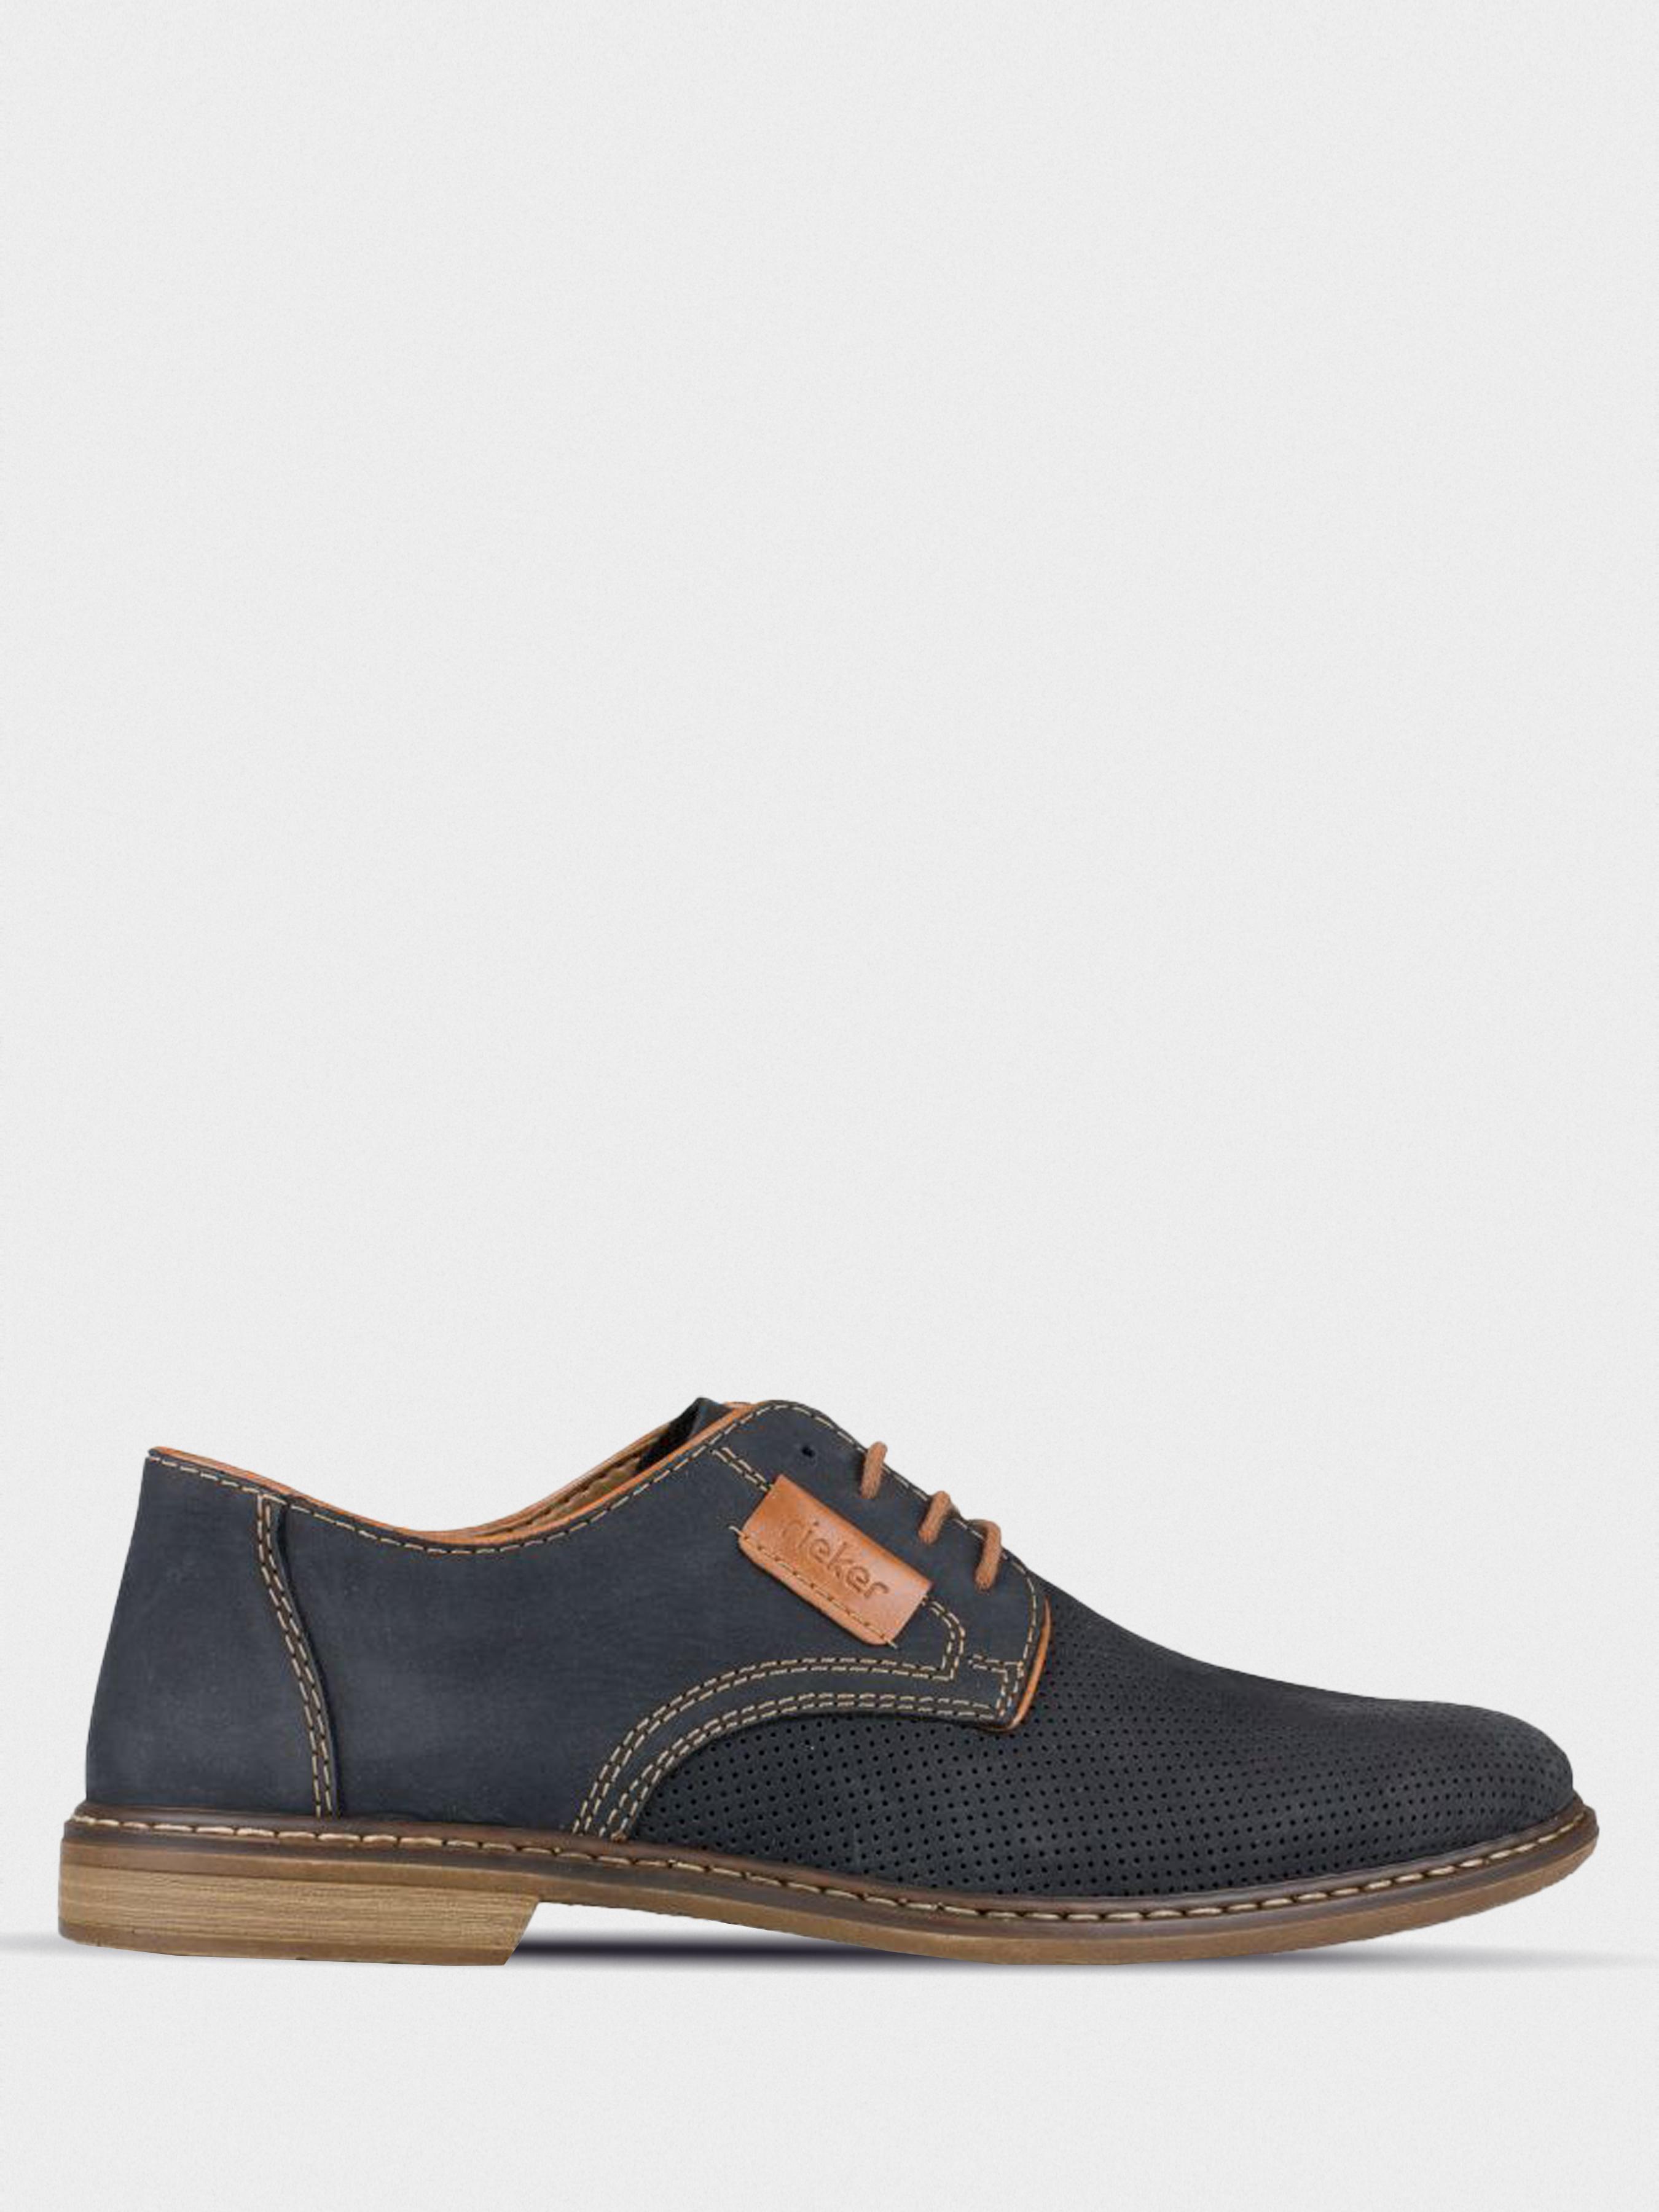 Полуботинки для мужчин RIEKER RK578 купить обувь, 2017